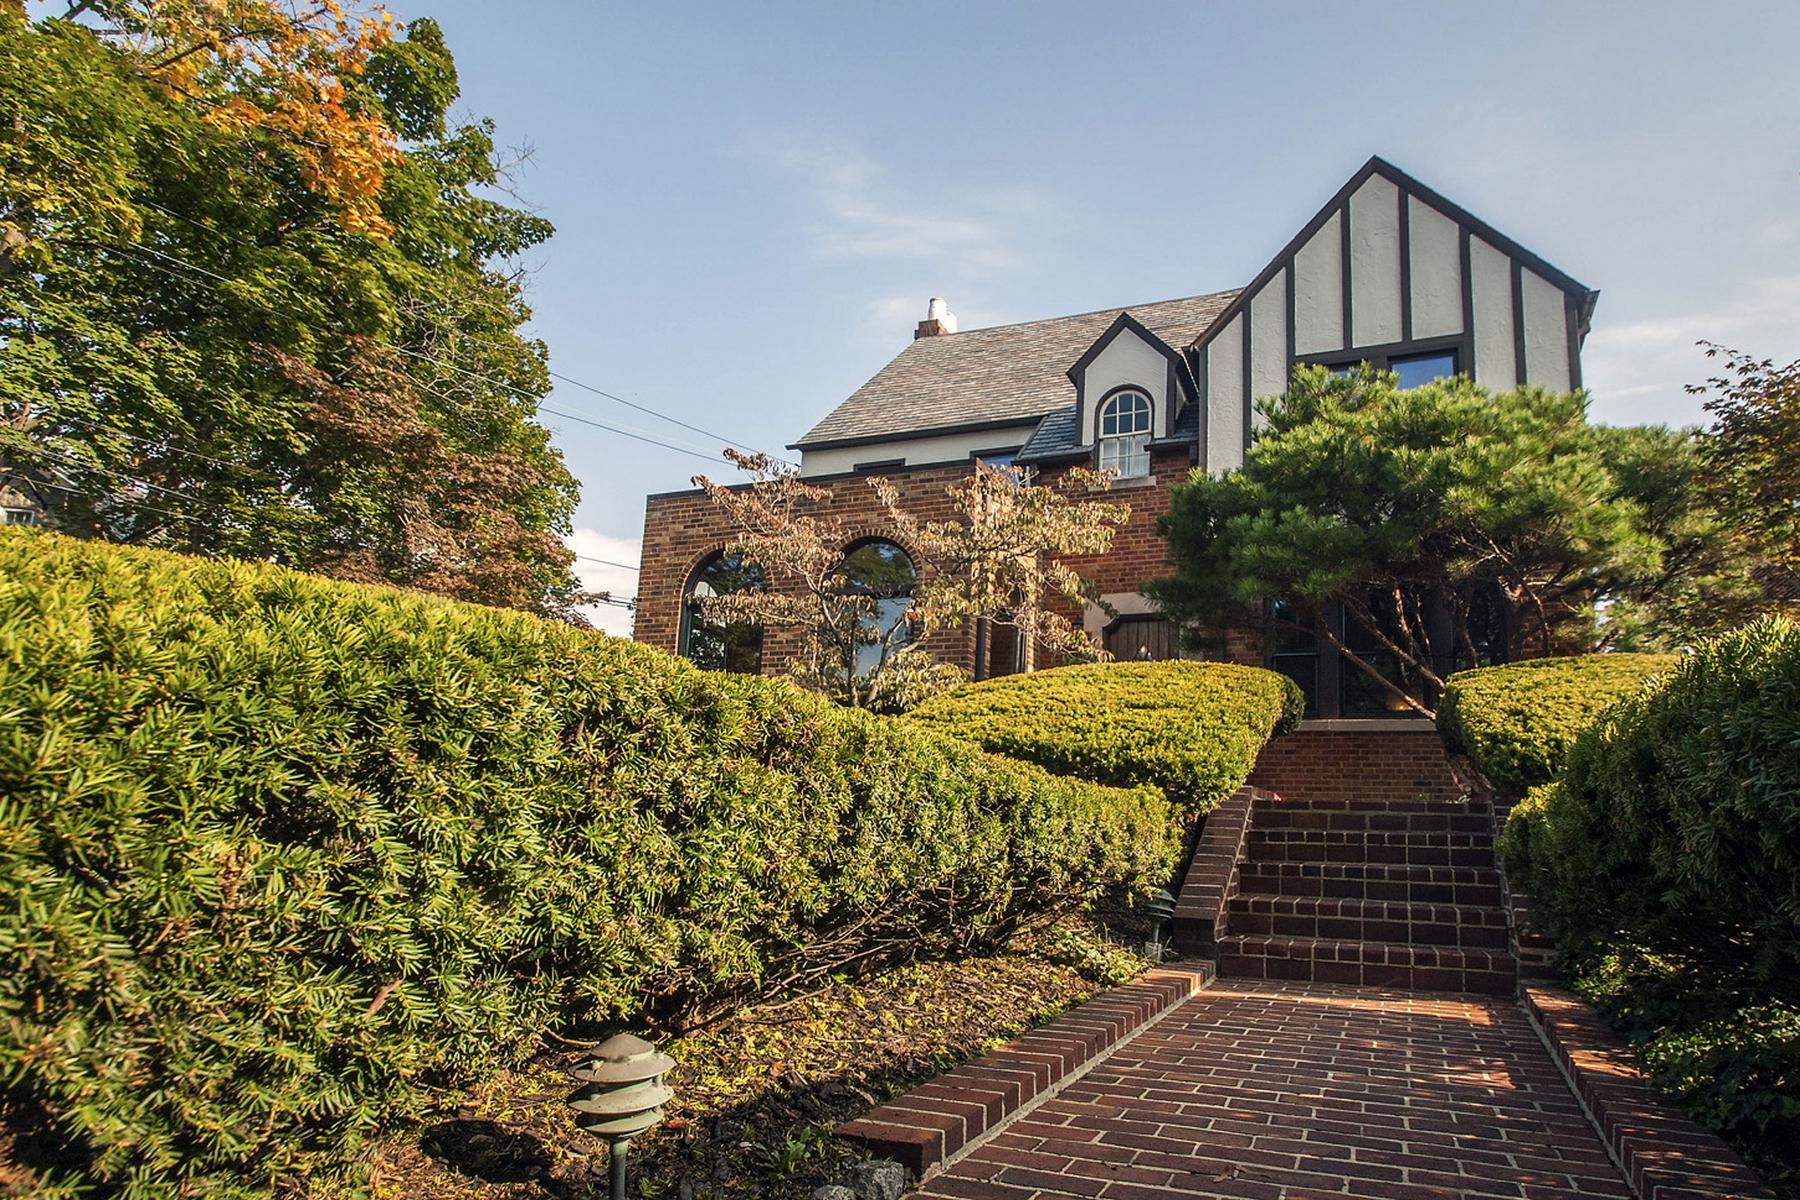 Einfamilienhaus für Verkauf beim 16th Street Heights 1445 Manchester Lane Nw Washington, District Of Columbia 20011 Vereinigte Staaten